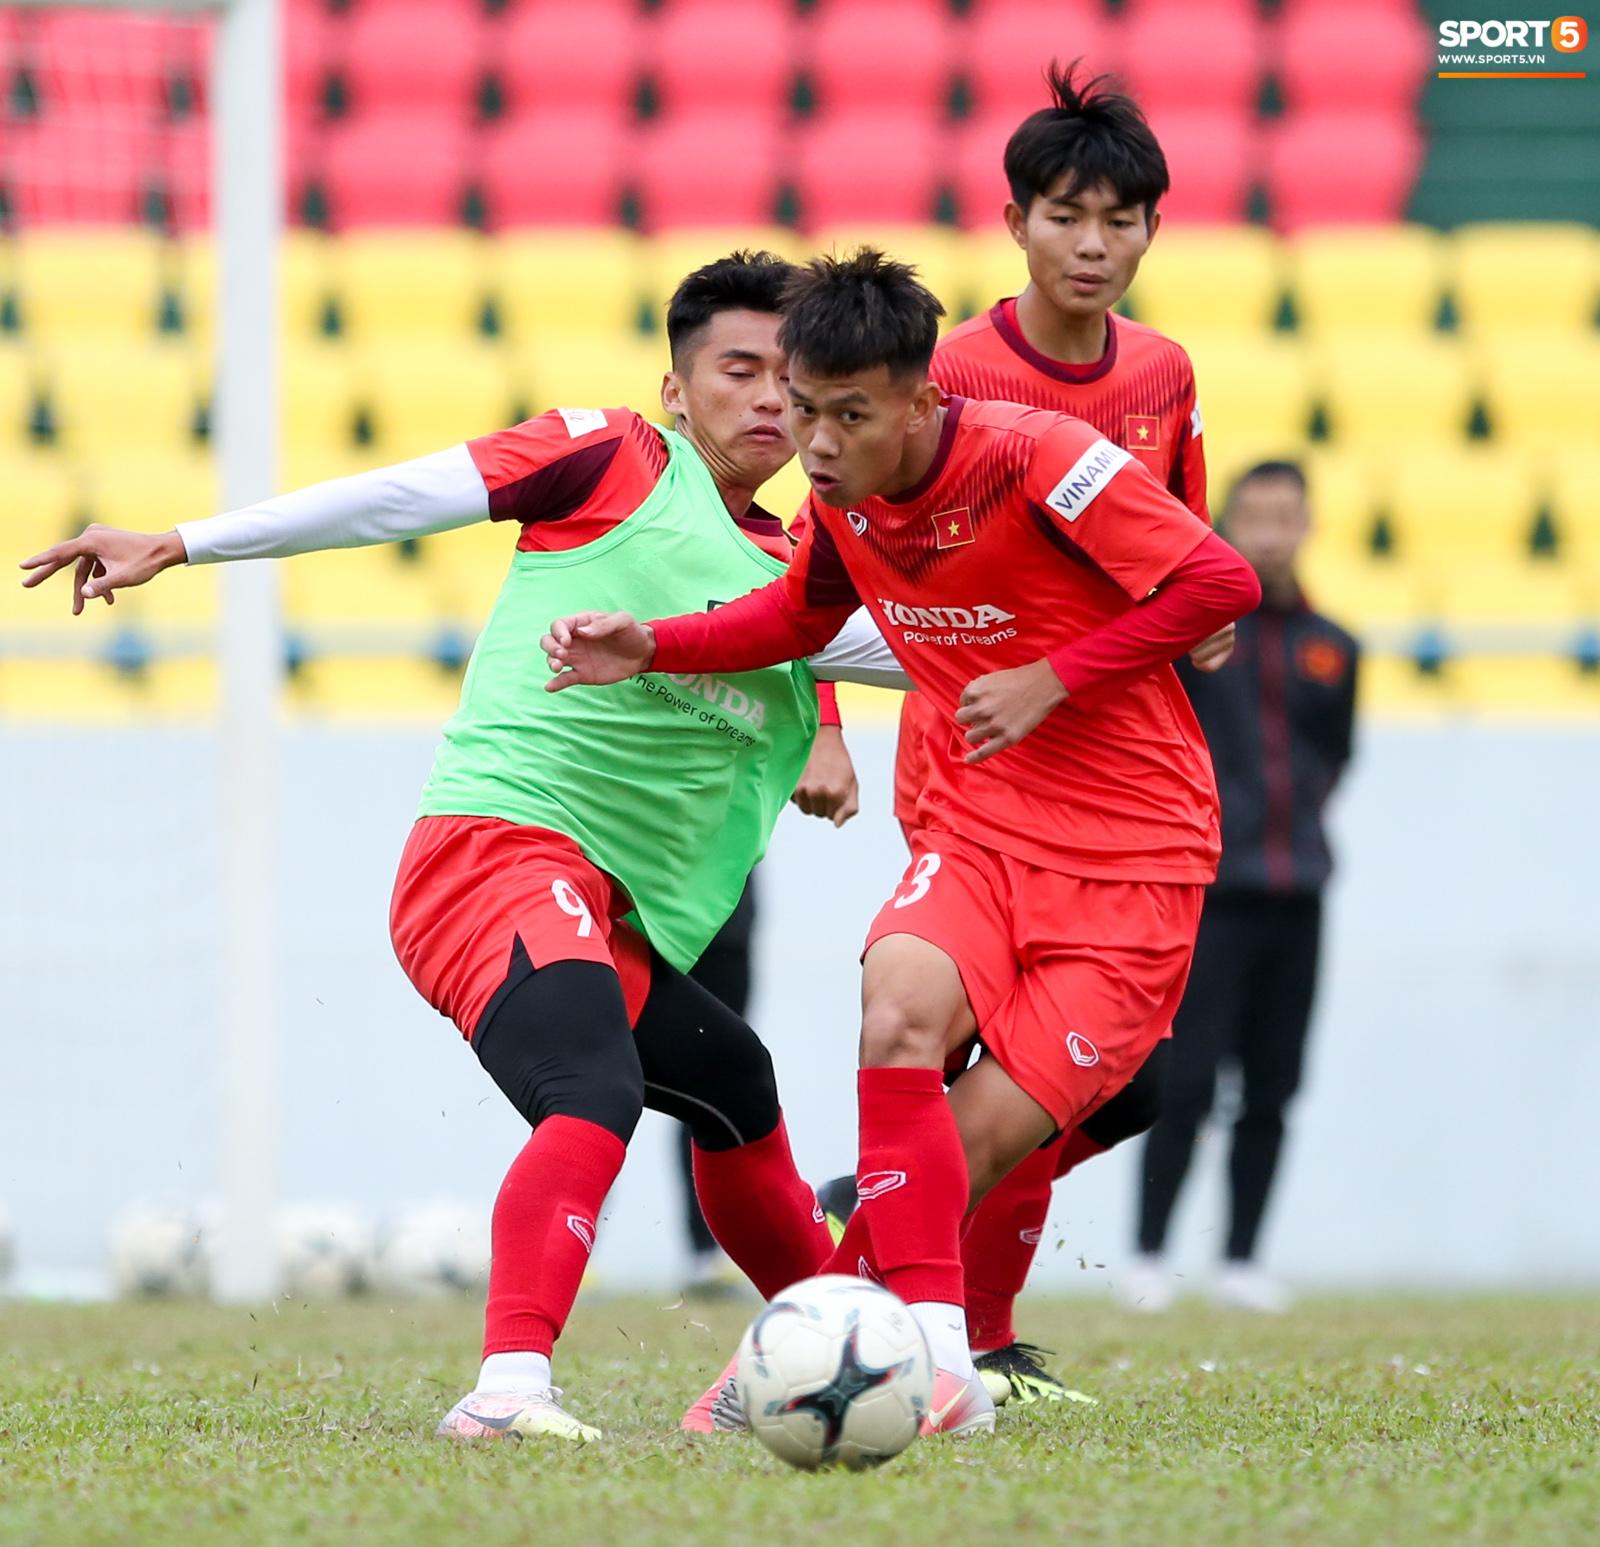 """HLV Park Hang-seo phàn nàn khi phát hiện """"ổ gà"""" ở sân đấu của tuyển Việt Nam - Ảnh 9."""